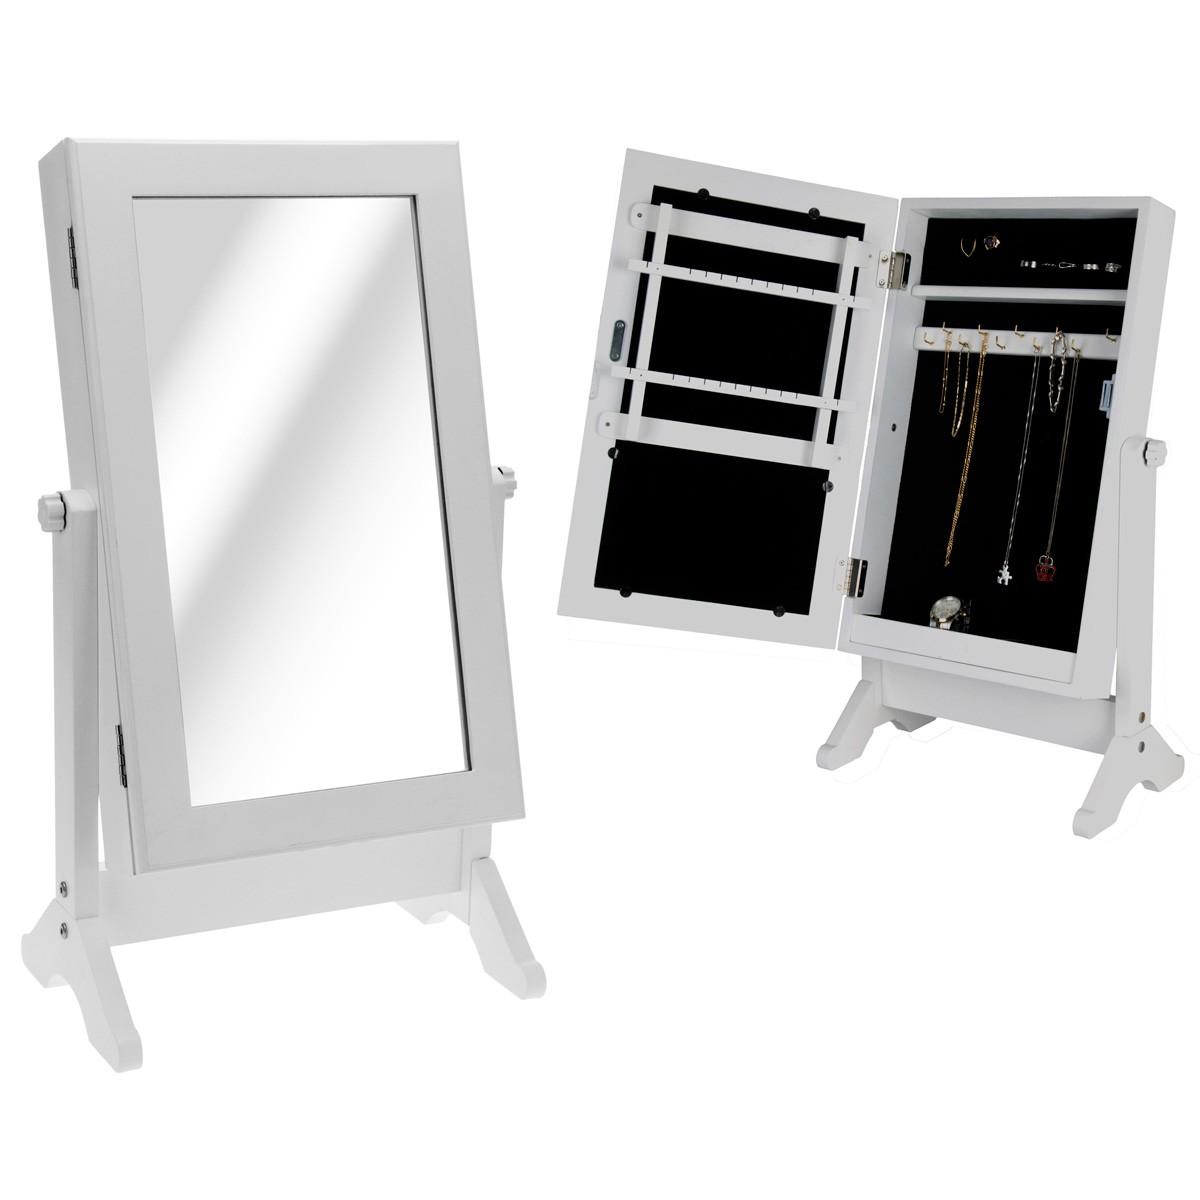 Schmuckvitrine Schmuckschrank weiss 60x35x22cm Holz Standspiegel ...